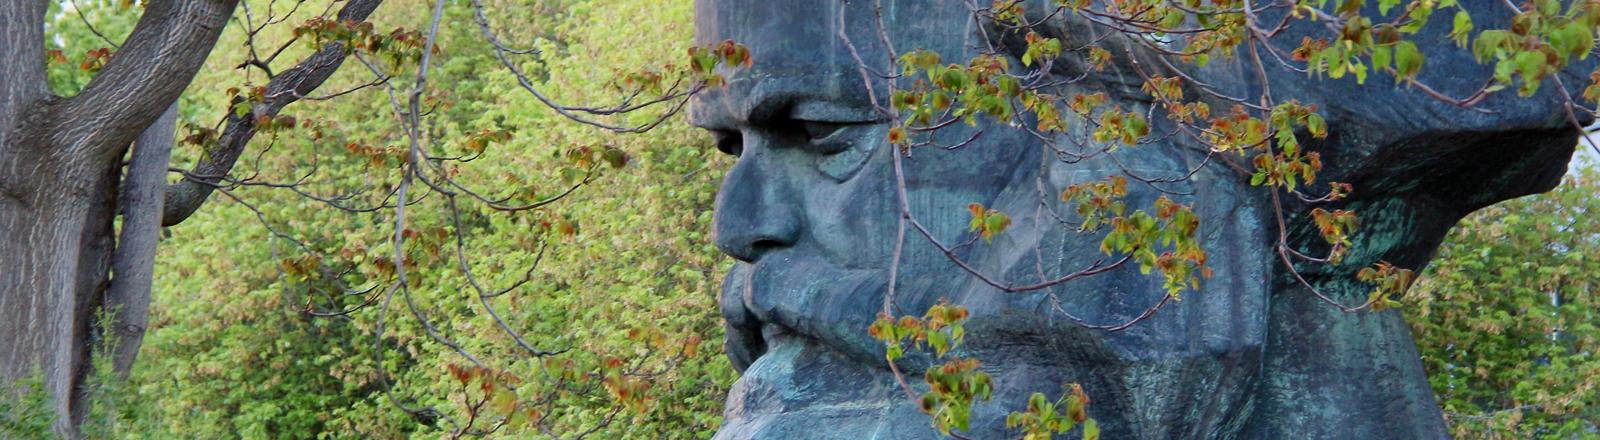 Karl-Marx-Statue in einem Garten